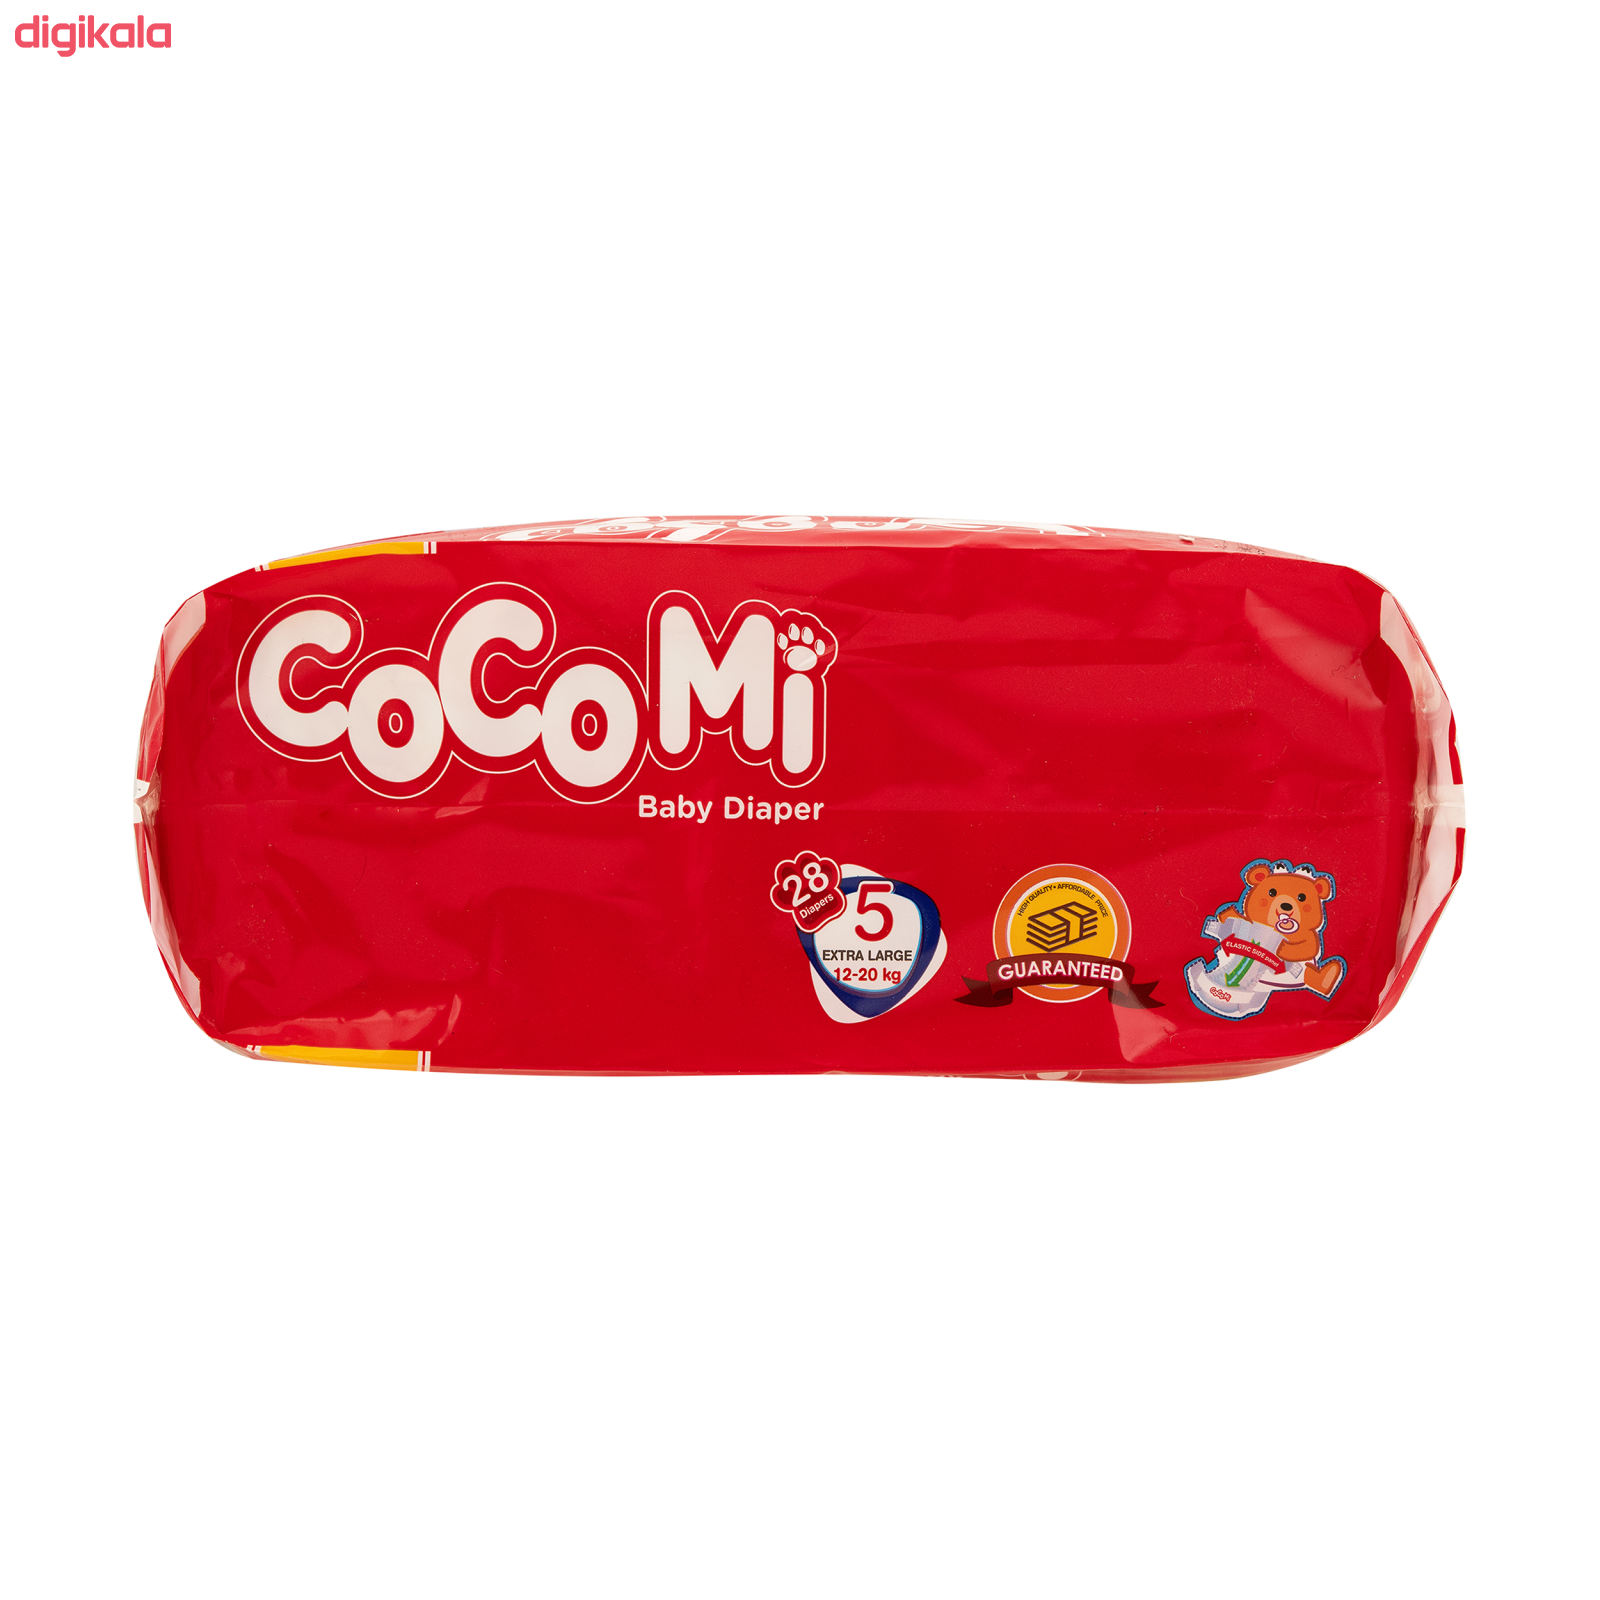 پوشک کوکومی مدل Economy Pack سایز 5 بسته 28 عددی main 1 7